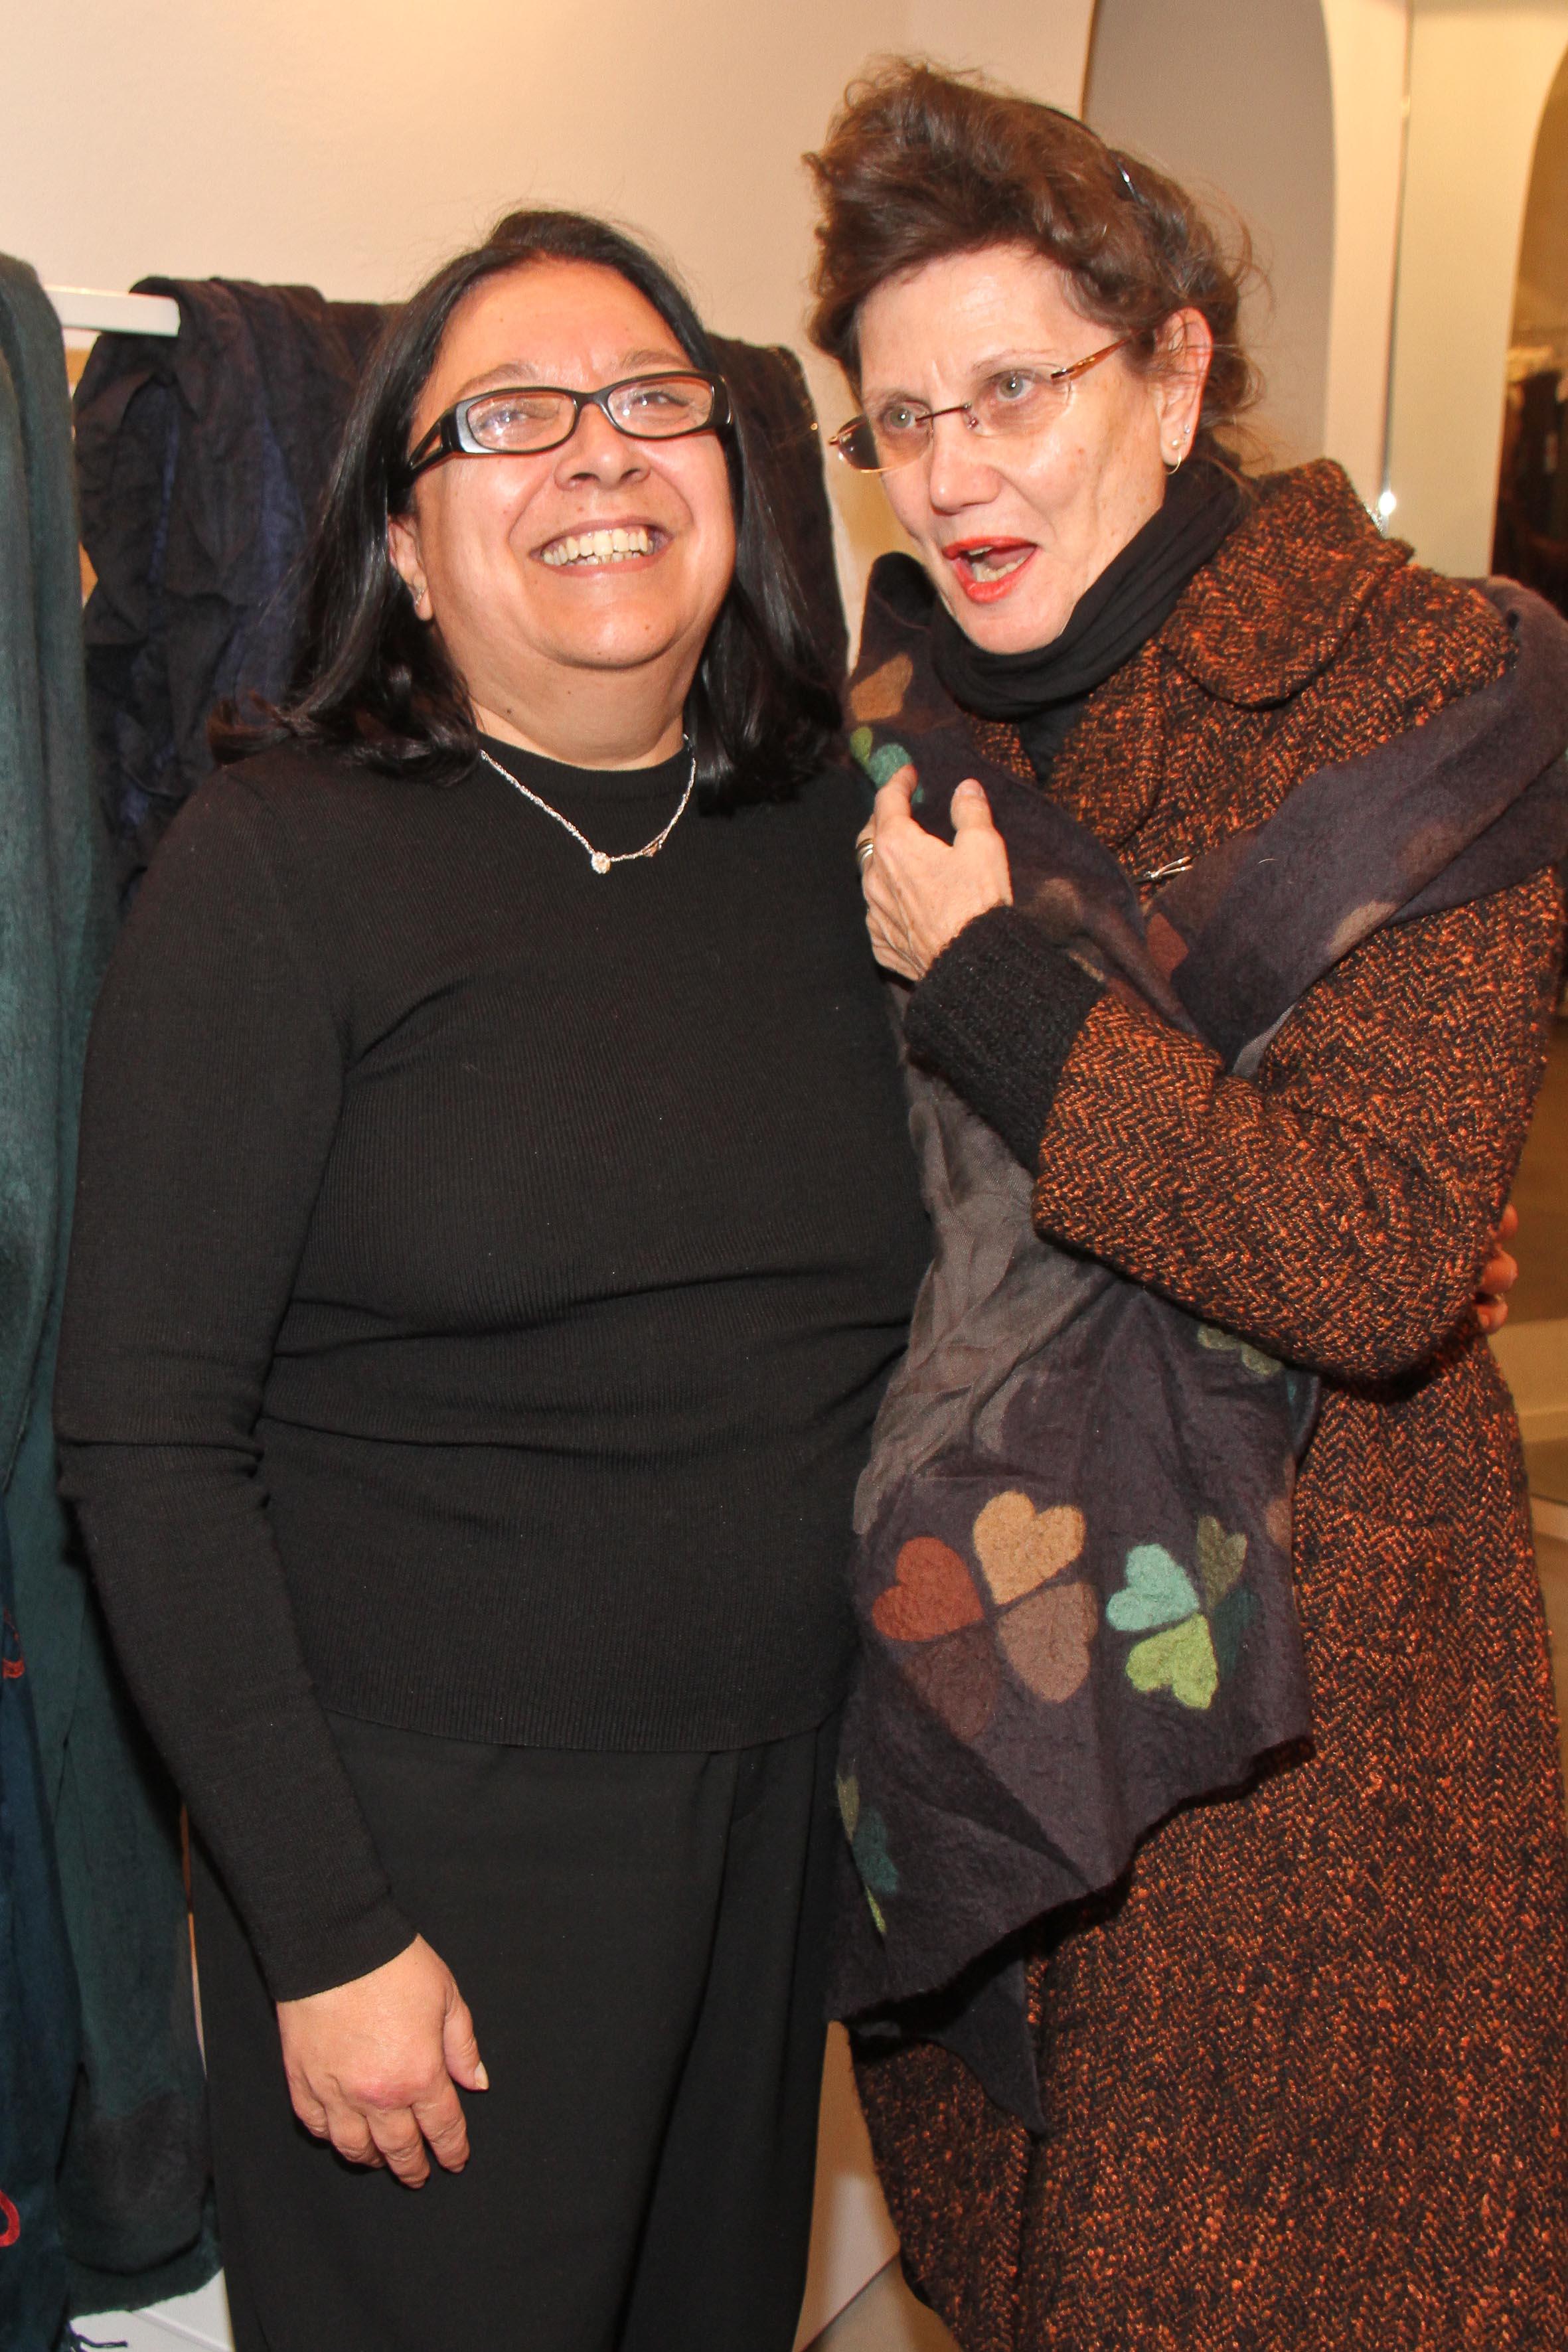 PRESSPHOTO Firenze, Faliero Sarti. Nella foto Sylvie Bonas e Marta Innocenti Ciuni  Giuseppe cabras/new pressphoto